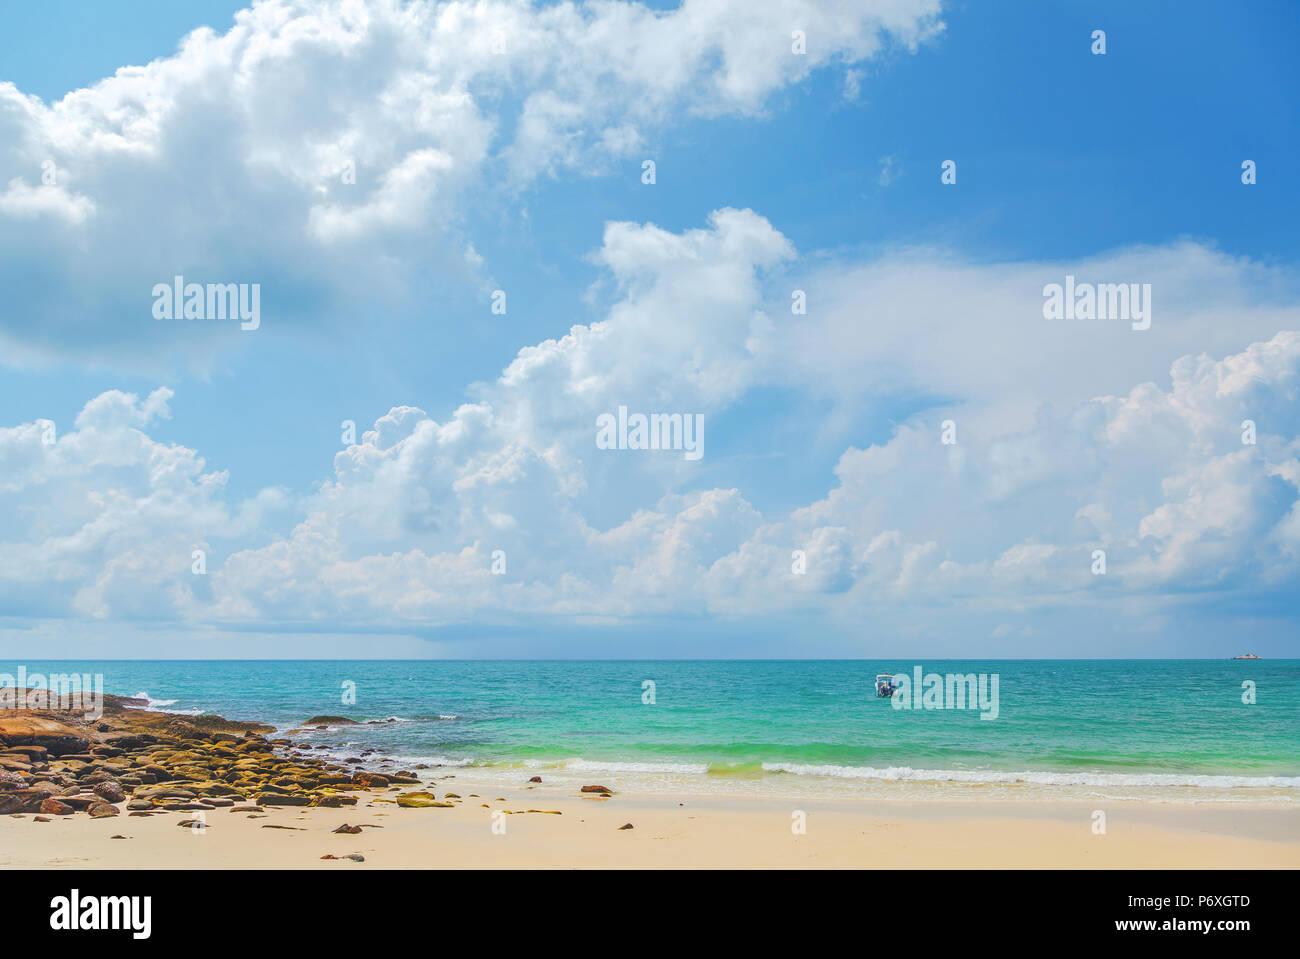 Ao onirico Cho sulla spiaggia di Koh Samed in Thailandia. Immagini Stock